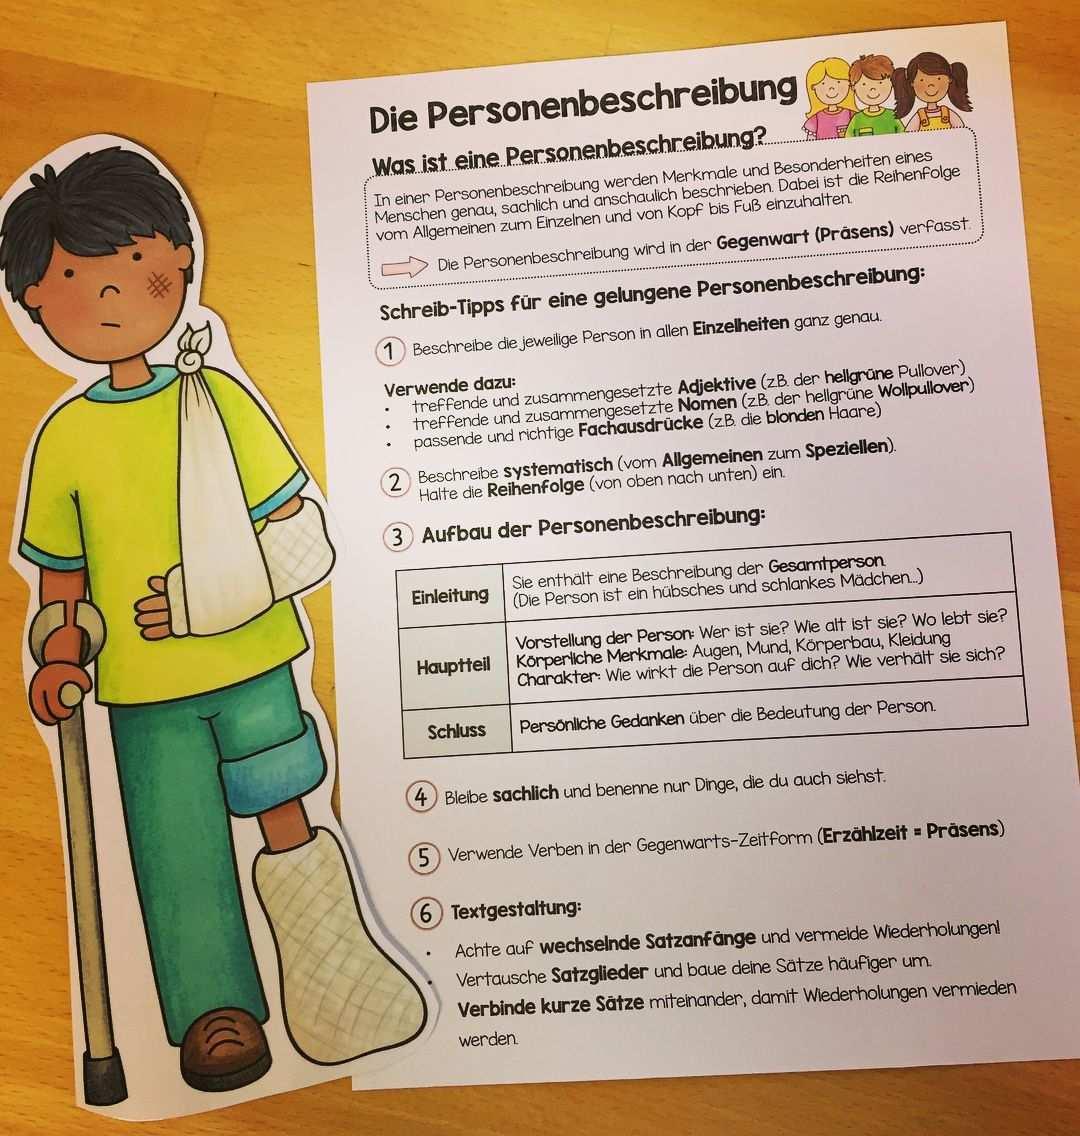 Heute Sind Wir In Die Neue Aufsatzeinheit Zum Thema Personenbeschreibung Gestartet Die Ki Personenbeschreibung Personenbeschreibung Grundschule Grundschule